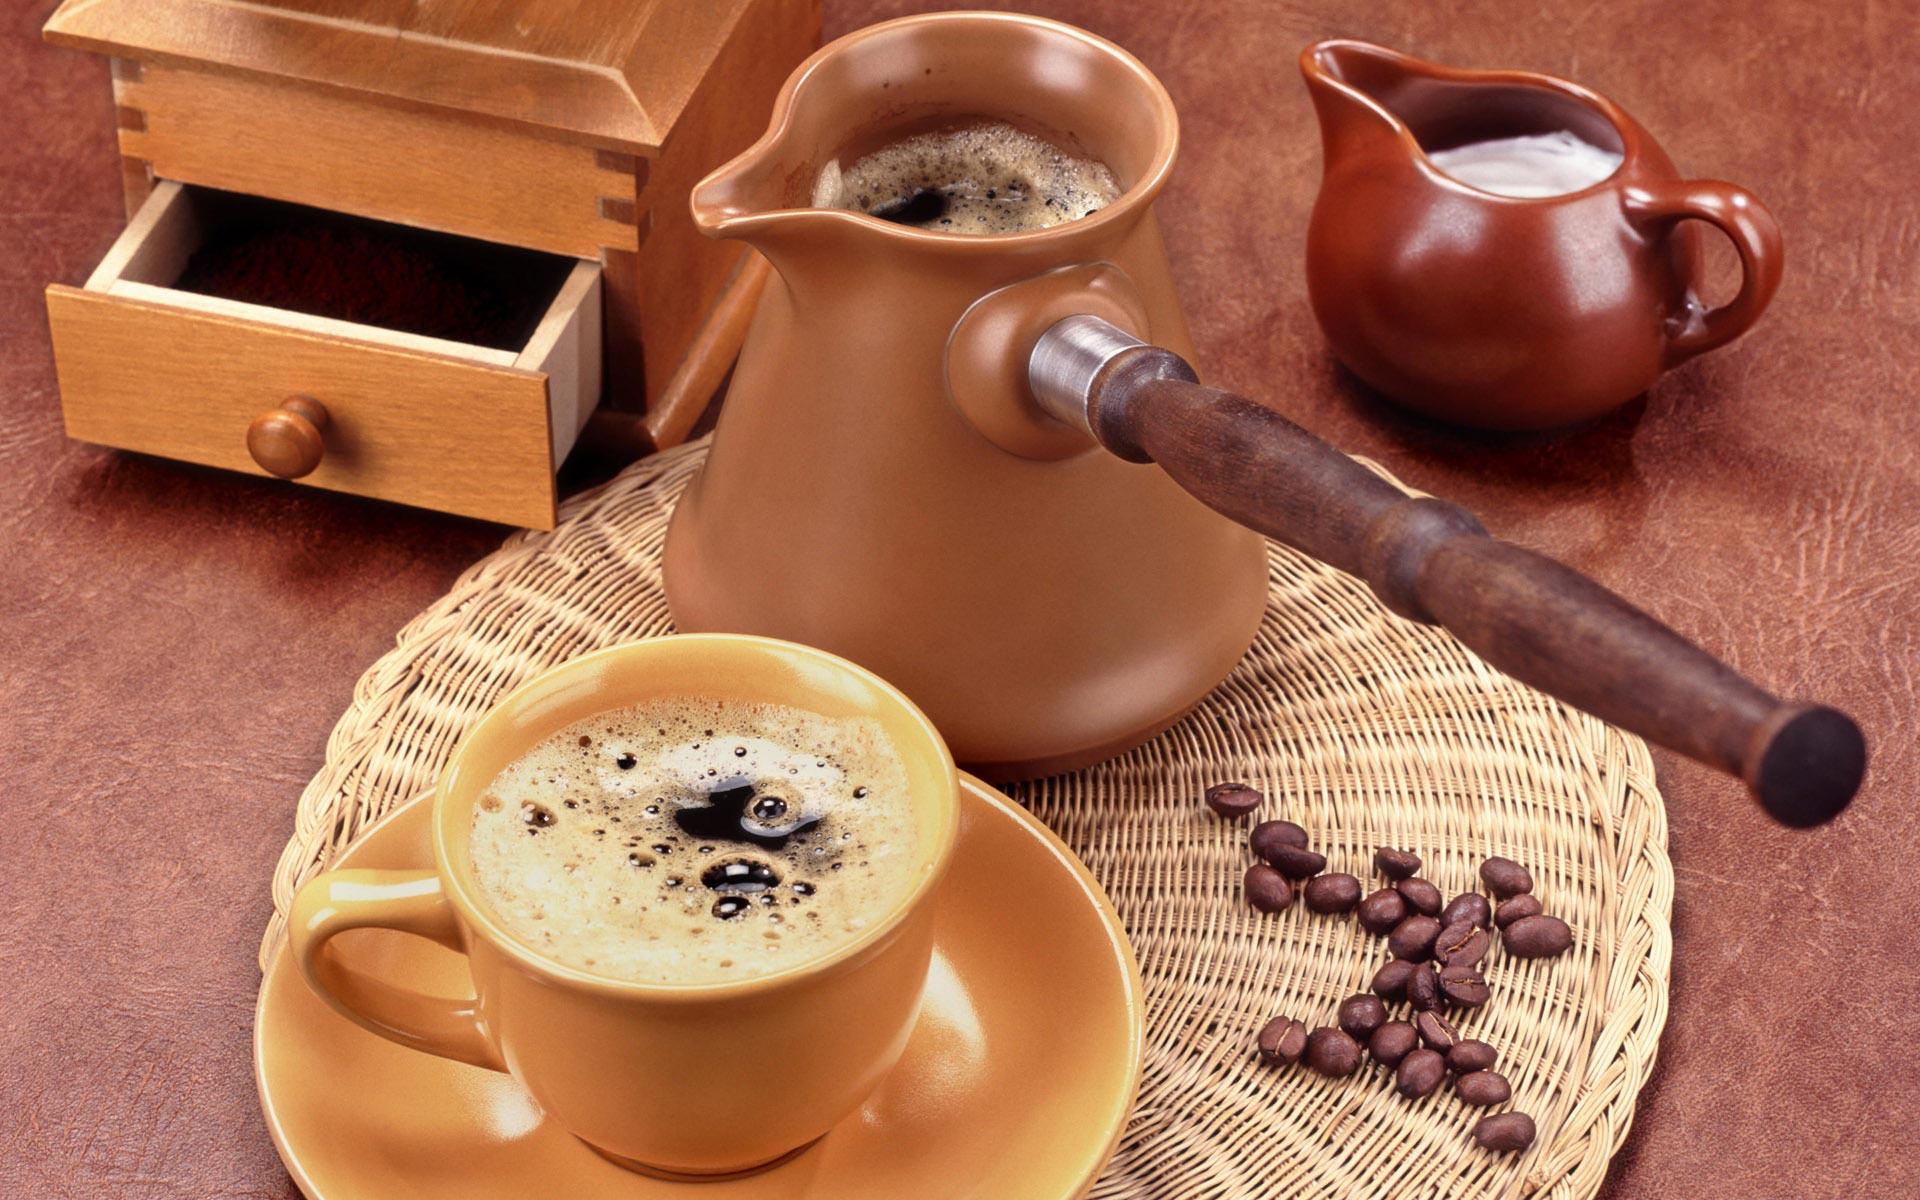 Mùi và hương vị cà phê nguyên chất luôn rất tự nhiên, đậm đà đặc biệt.